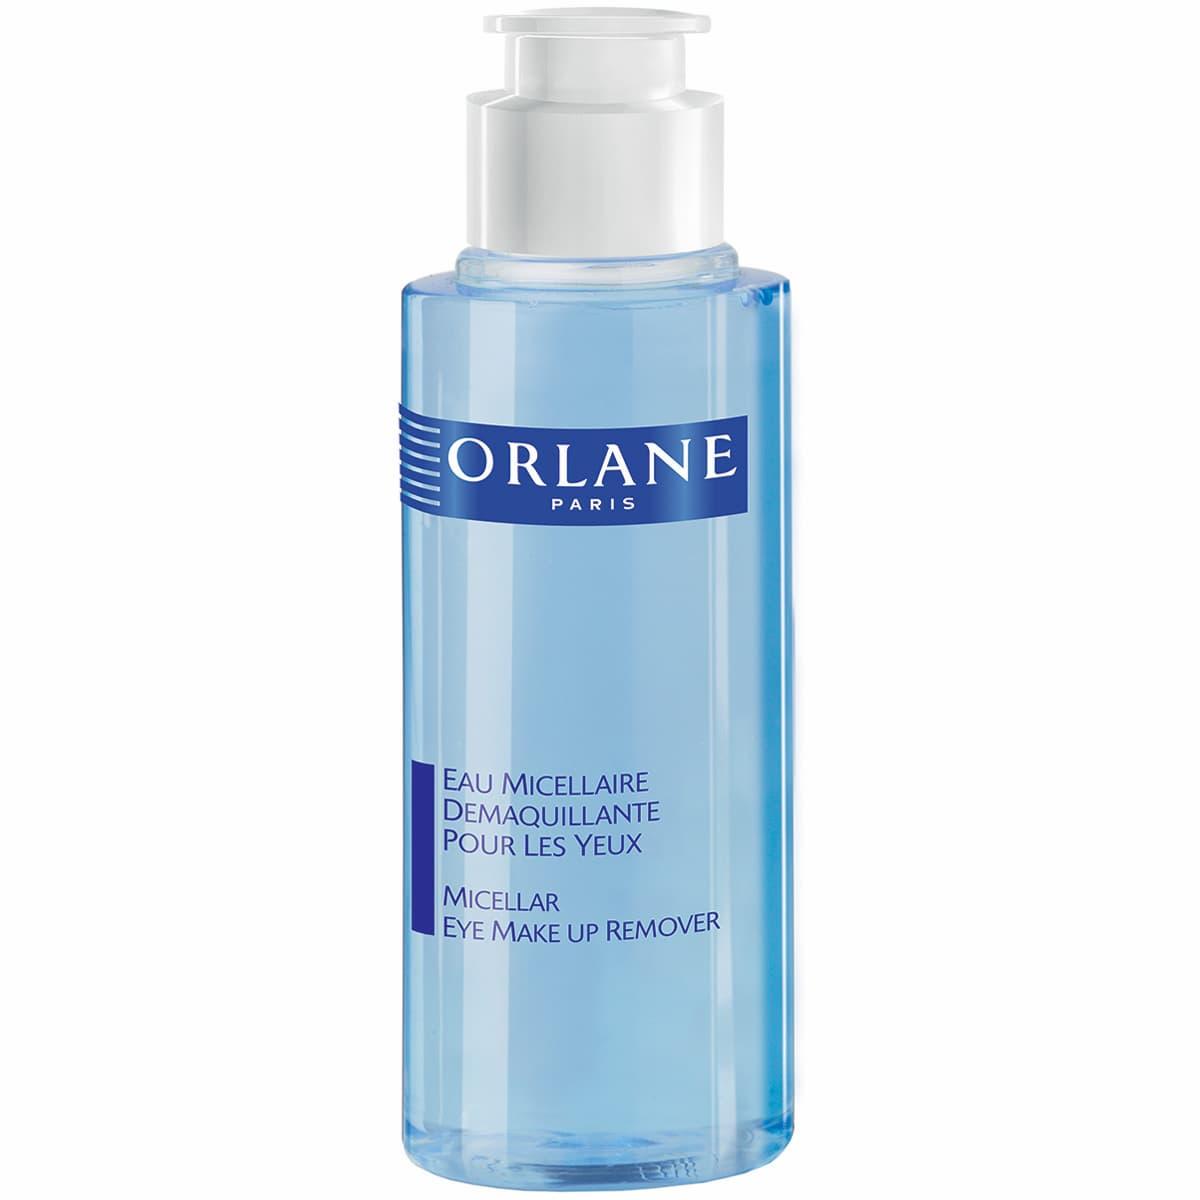 Orlane - Eau Micellaire Démaquillante pour les Yeux - 100 ml